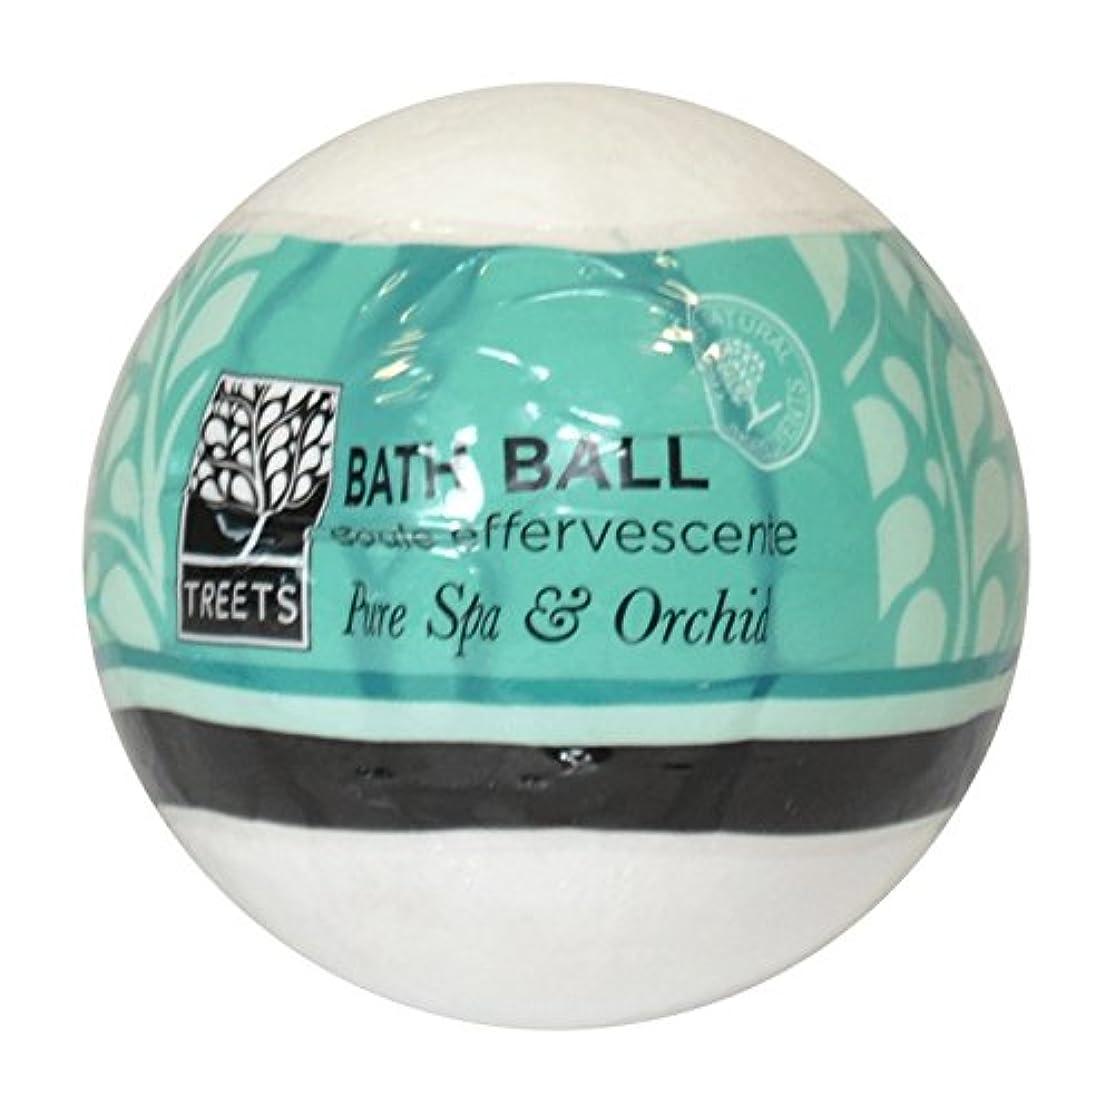 移植意義意見Treets蘭&純粋なスパバスボール - Treets Orchid & Pure Spa Bath Ball (Treets) [並行輸入品]